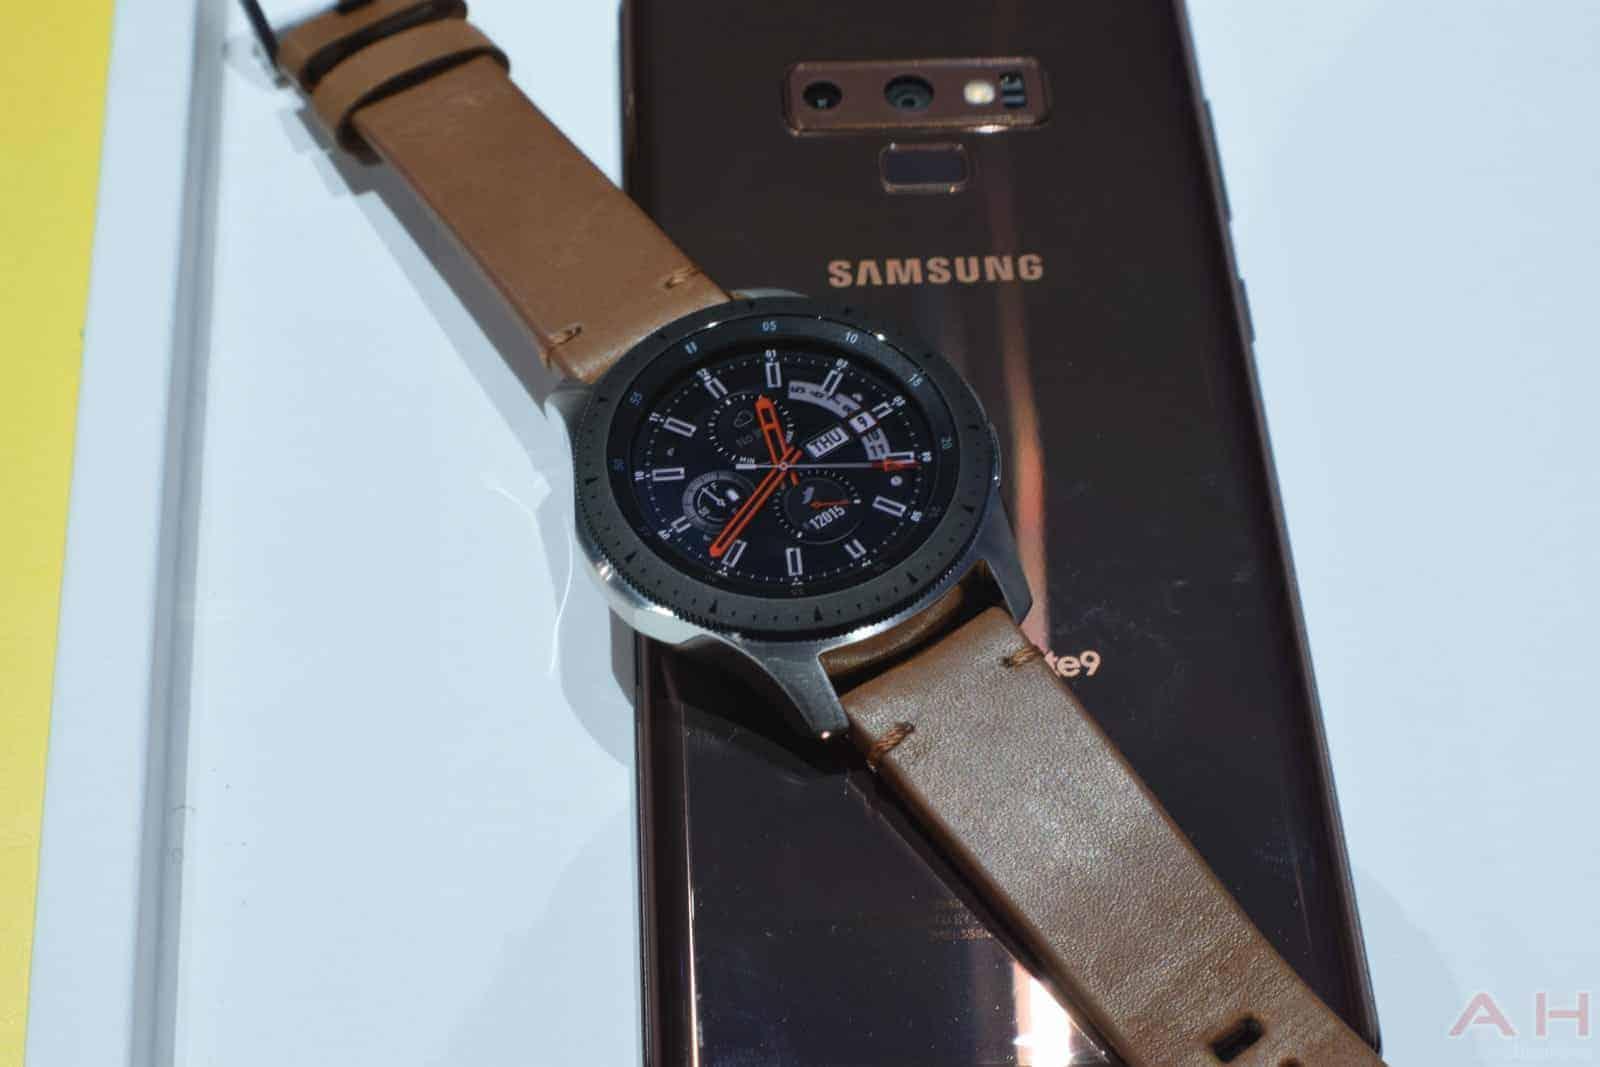 Samsung Galaxy Watch AM AH 8